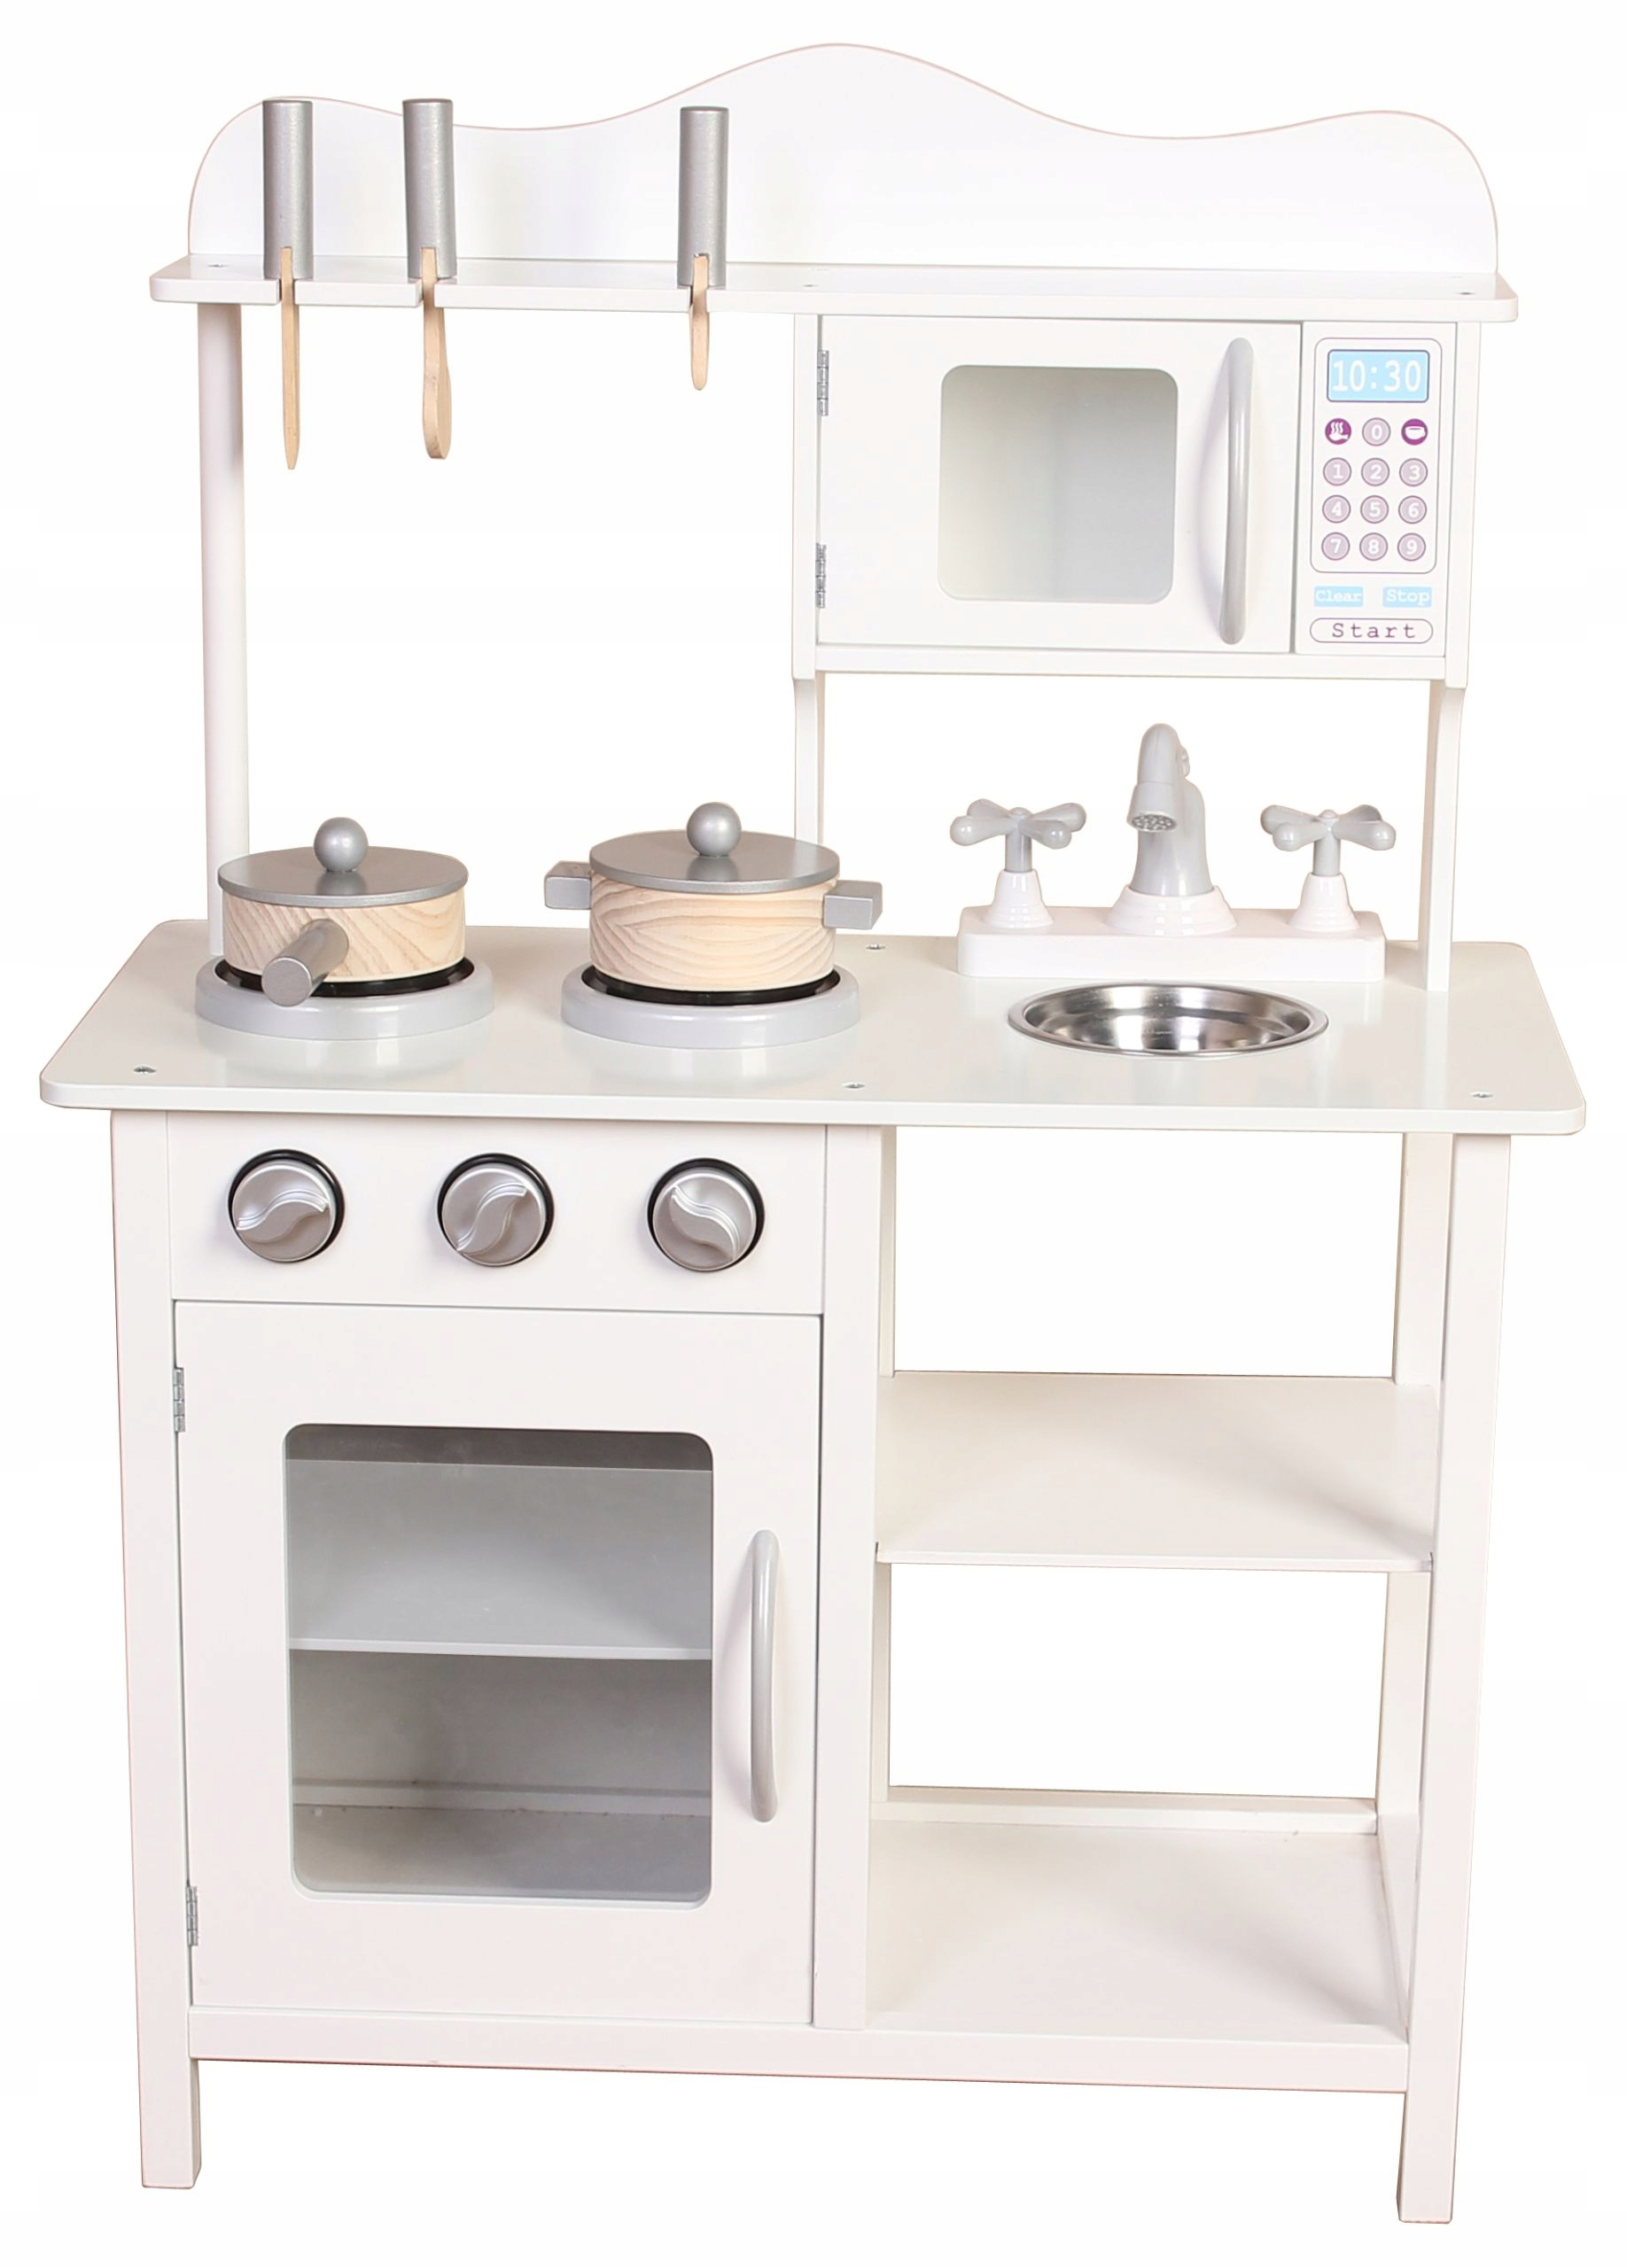 Kuchnia Drewniana Dla Dzieci Kuchenka Akcesoria